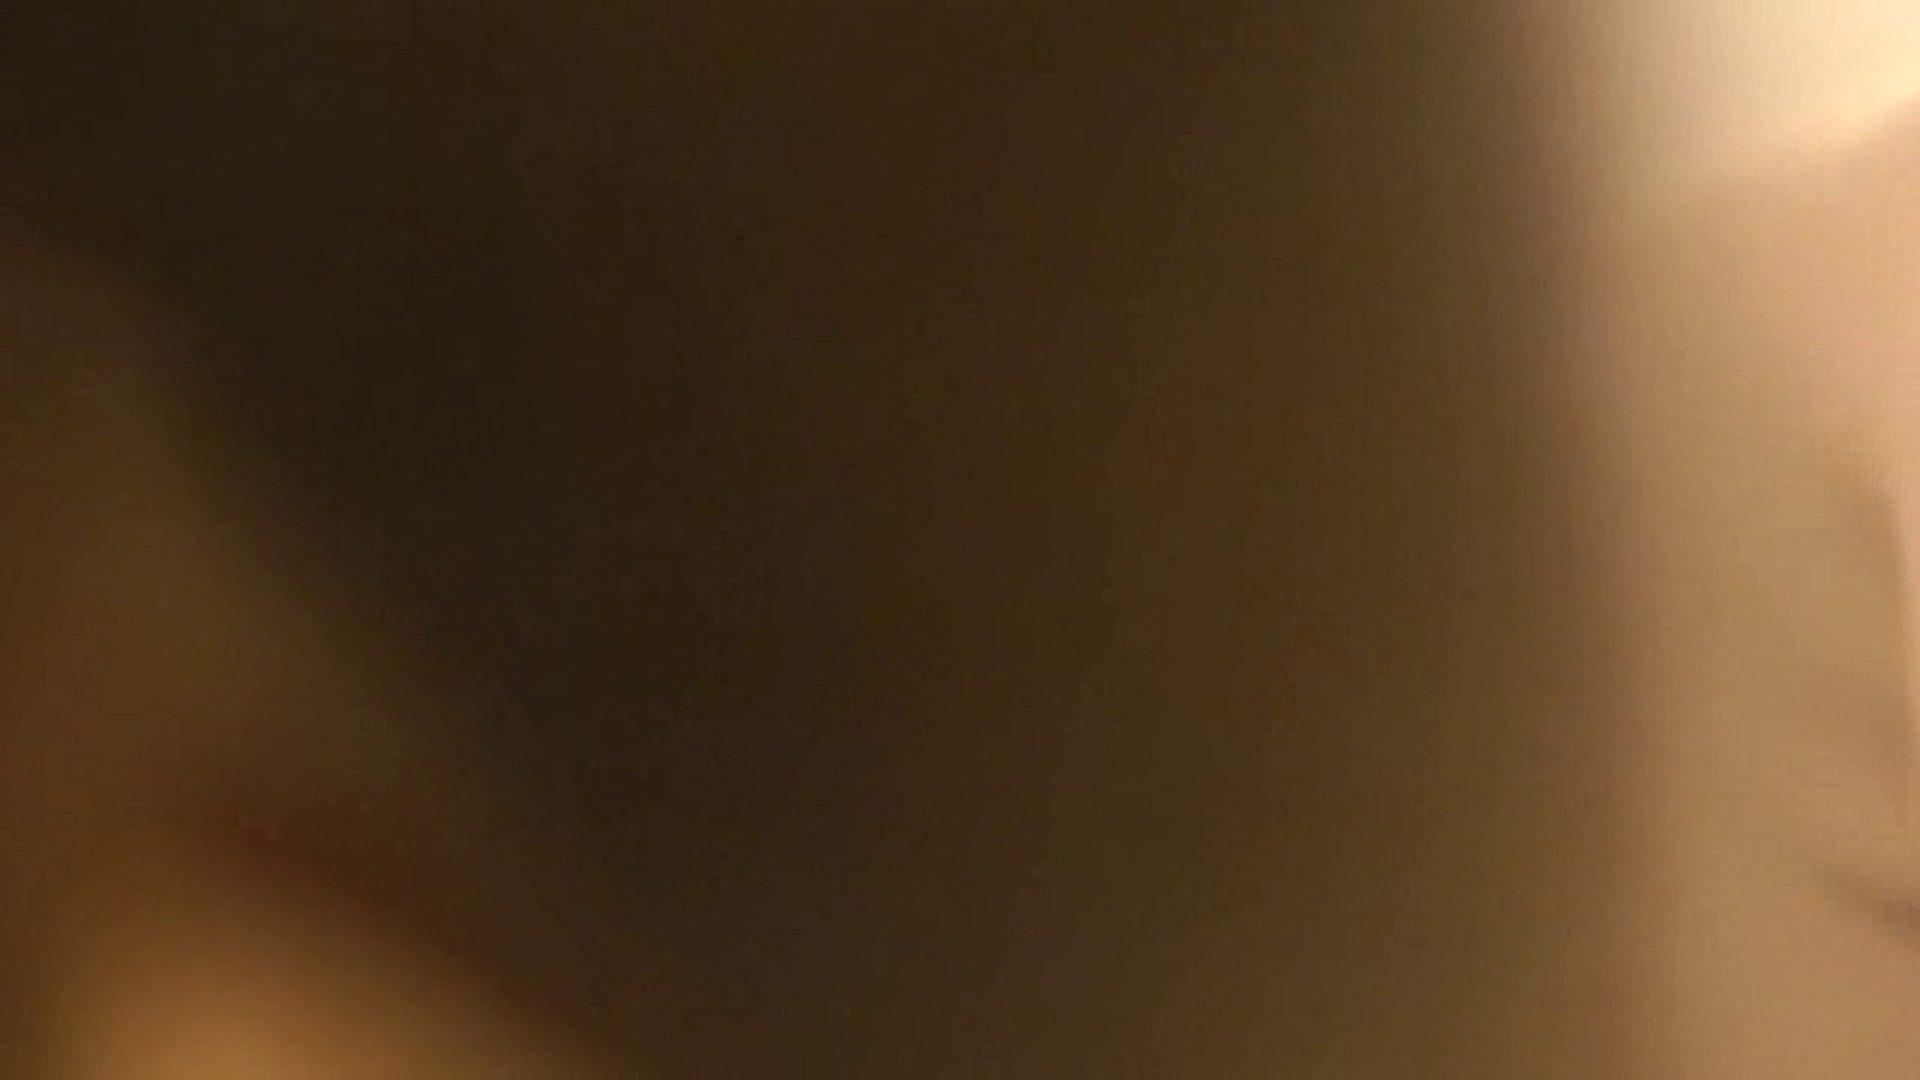 vol.1 Mayumi 窓越しに入浴シーン撮影に成功 入浴 おまんこ動画流出 60連発 35